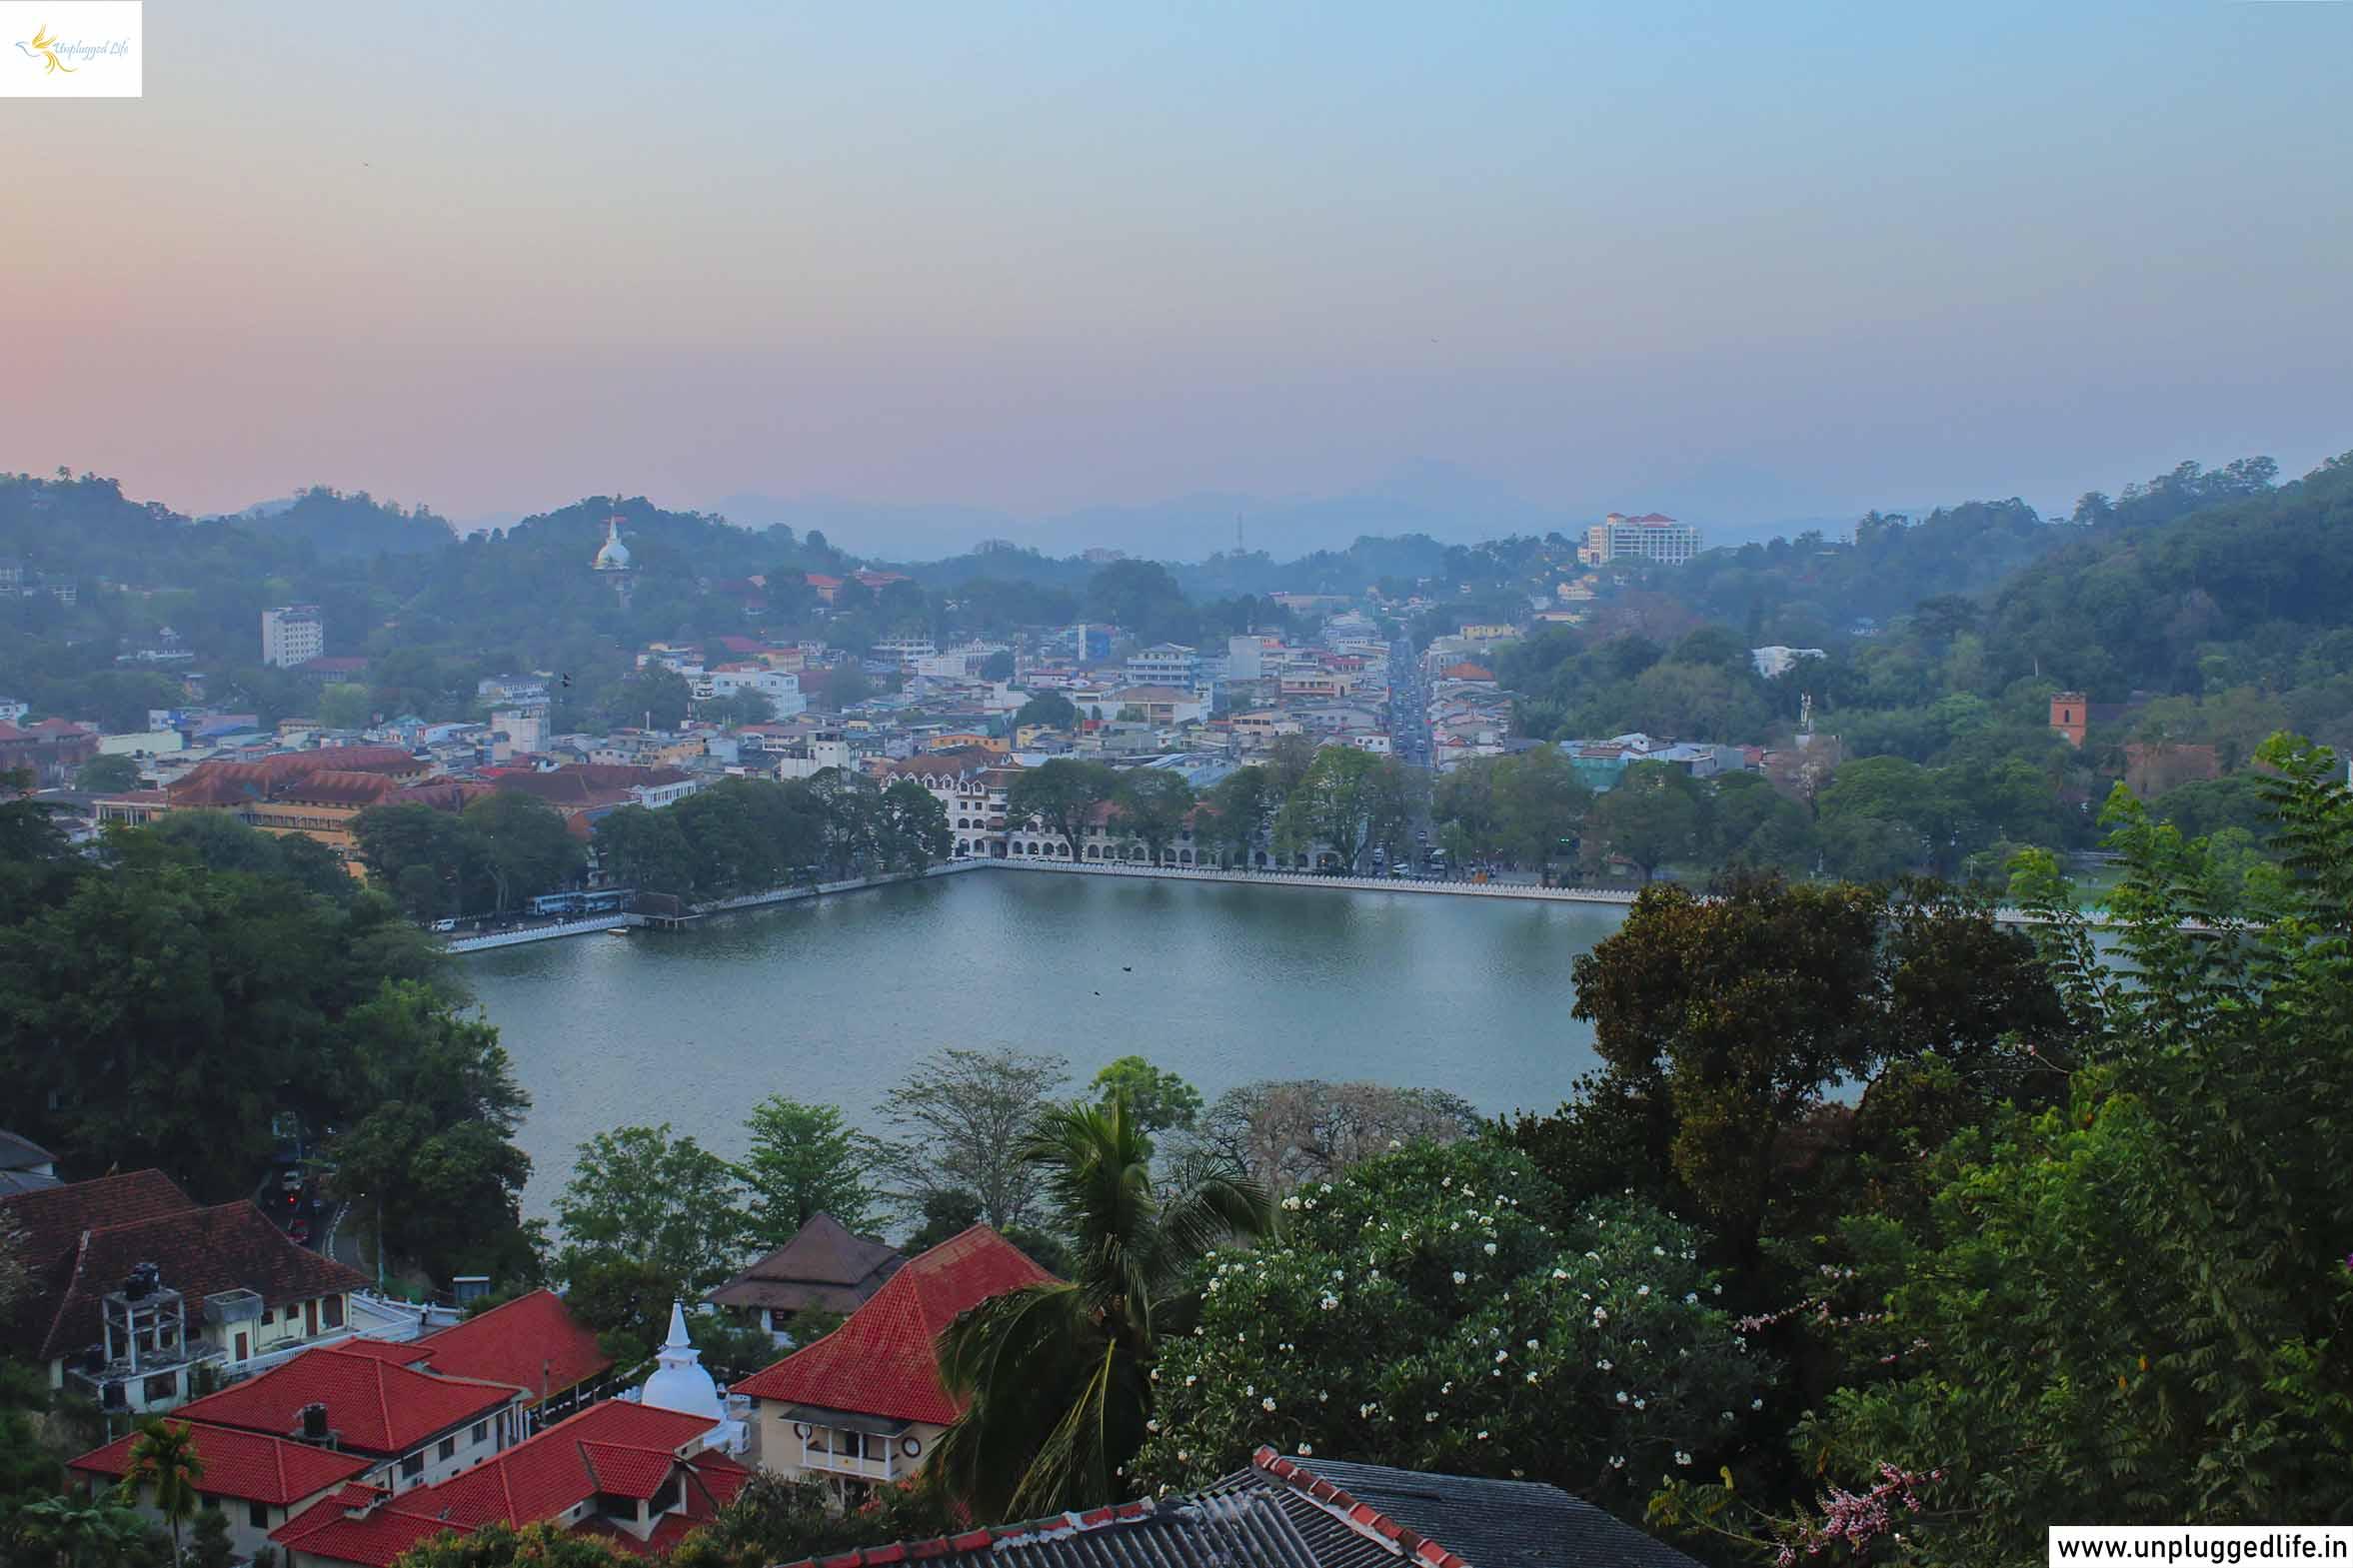 Sri Lanka, Unplugged Life, Kandy City